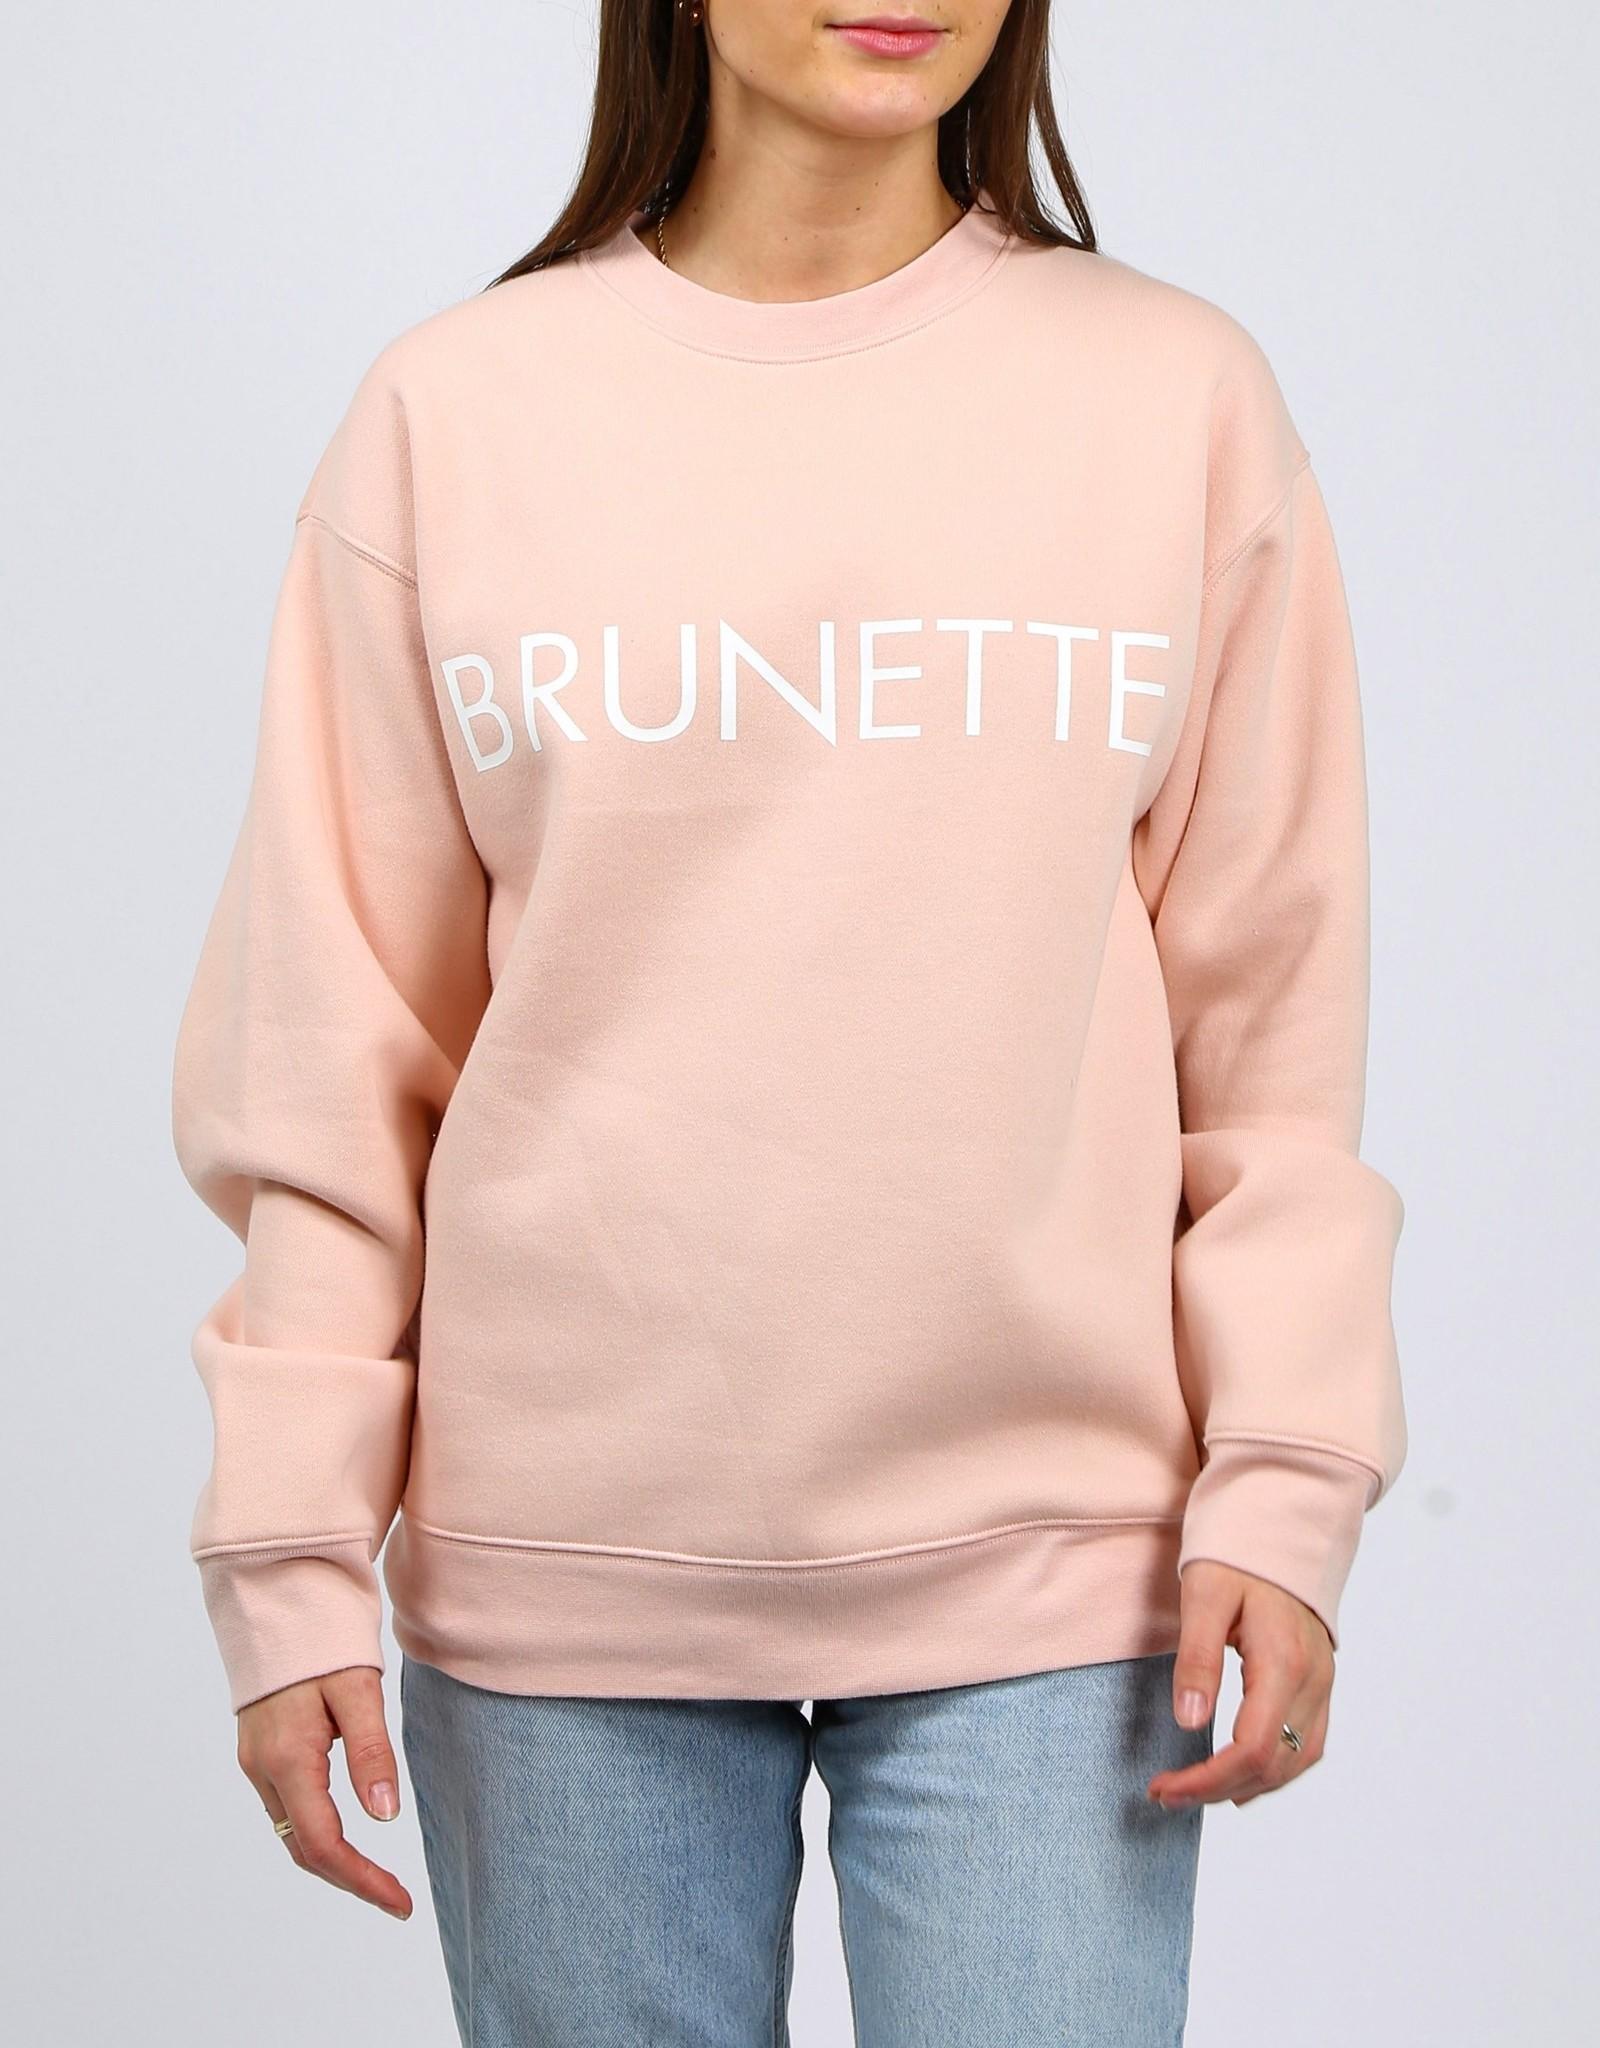 """Brunette The Label Brunette The Label """"BRUNETTE"""" Core Crew Peach Cream"""